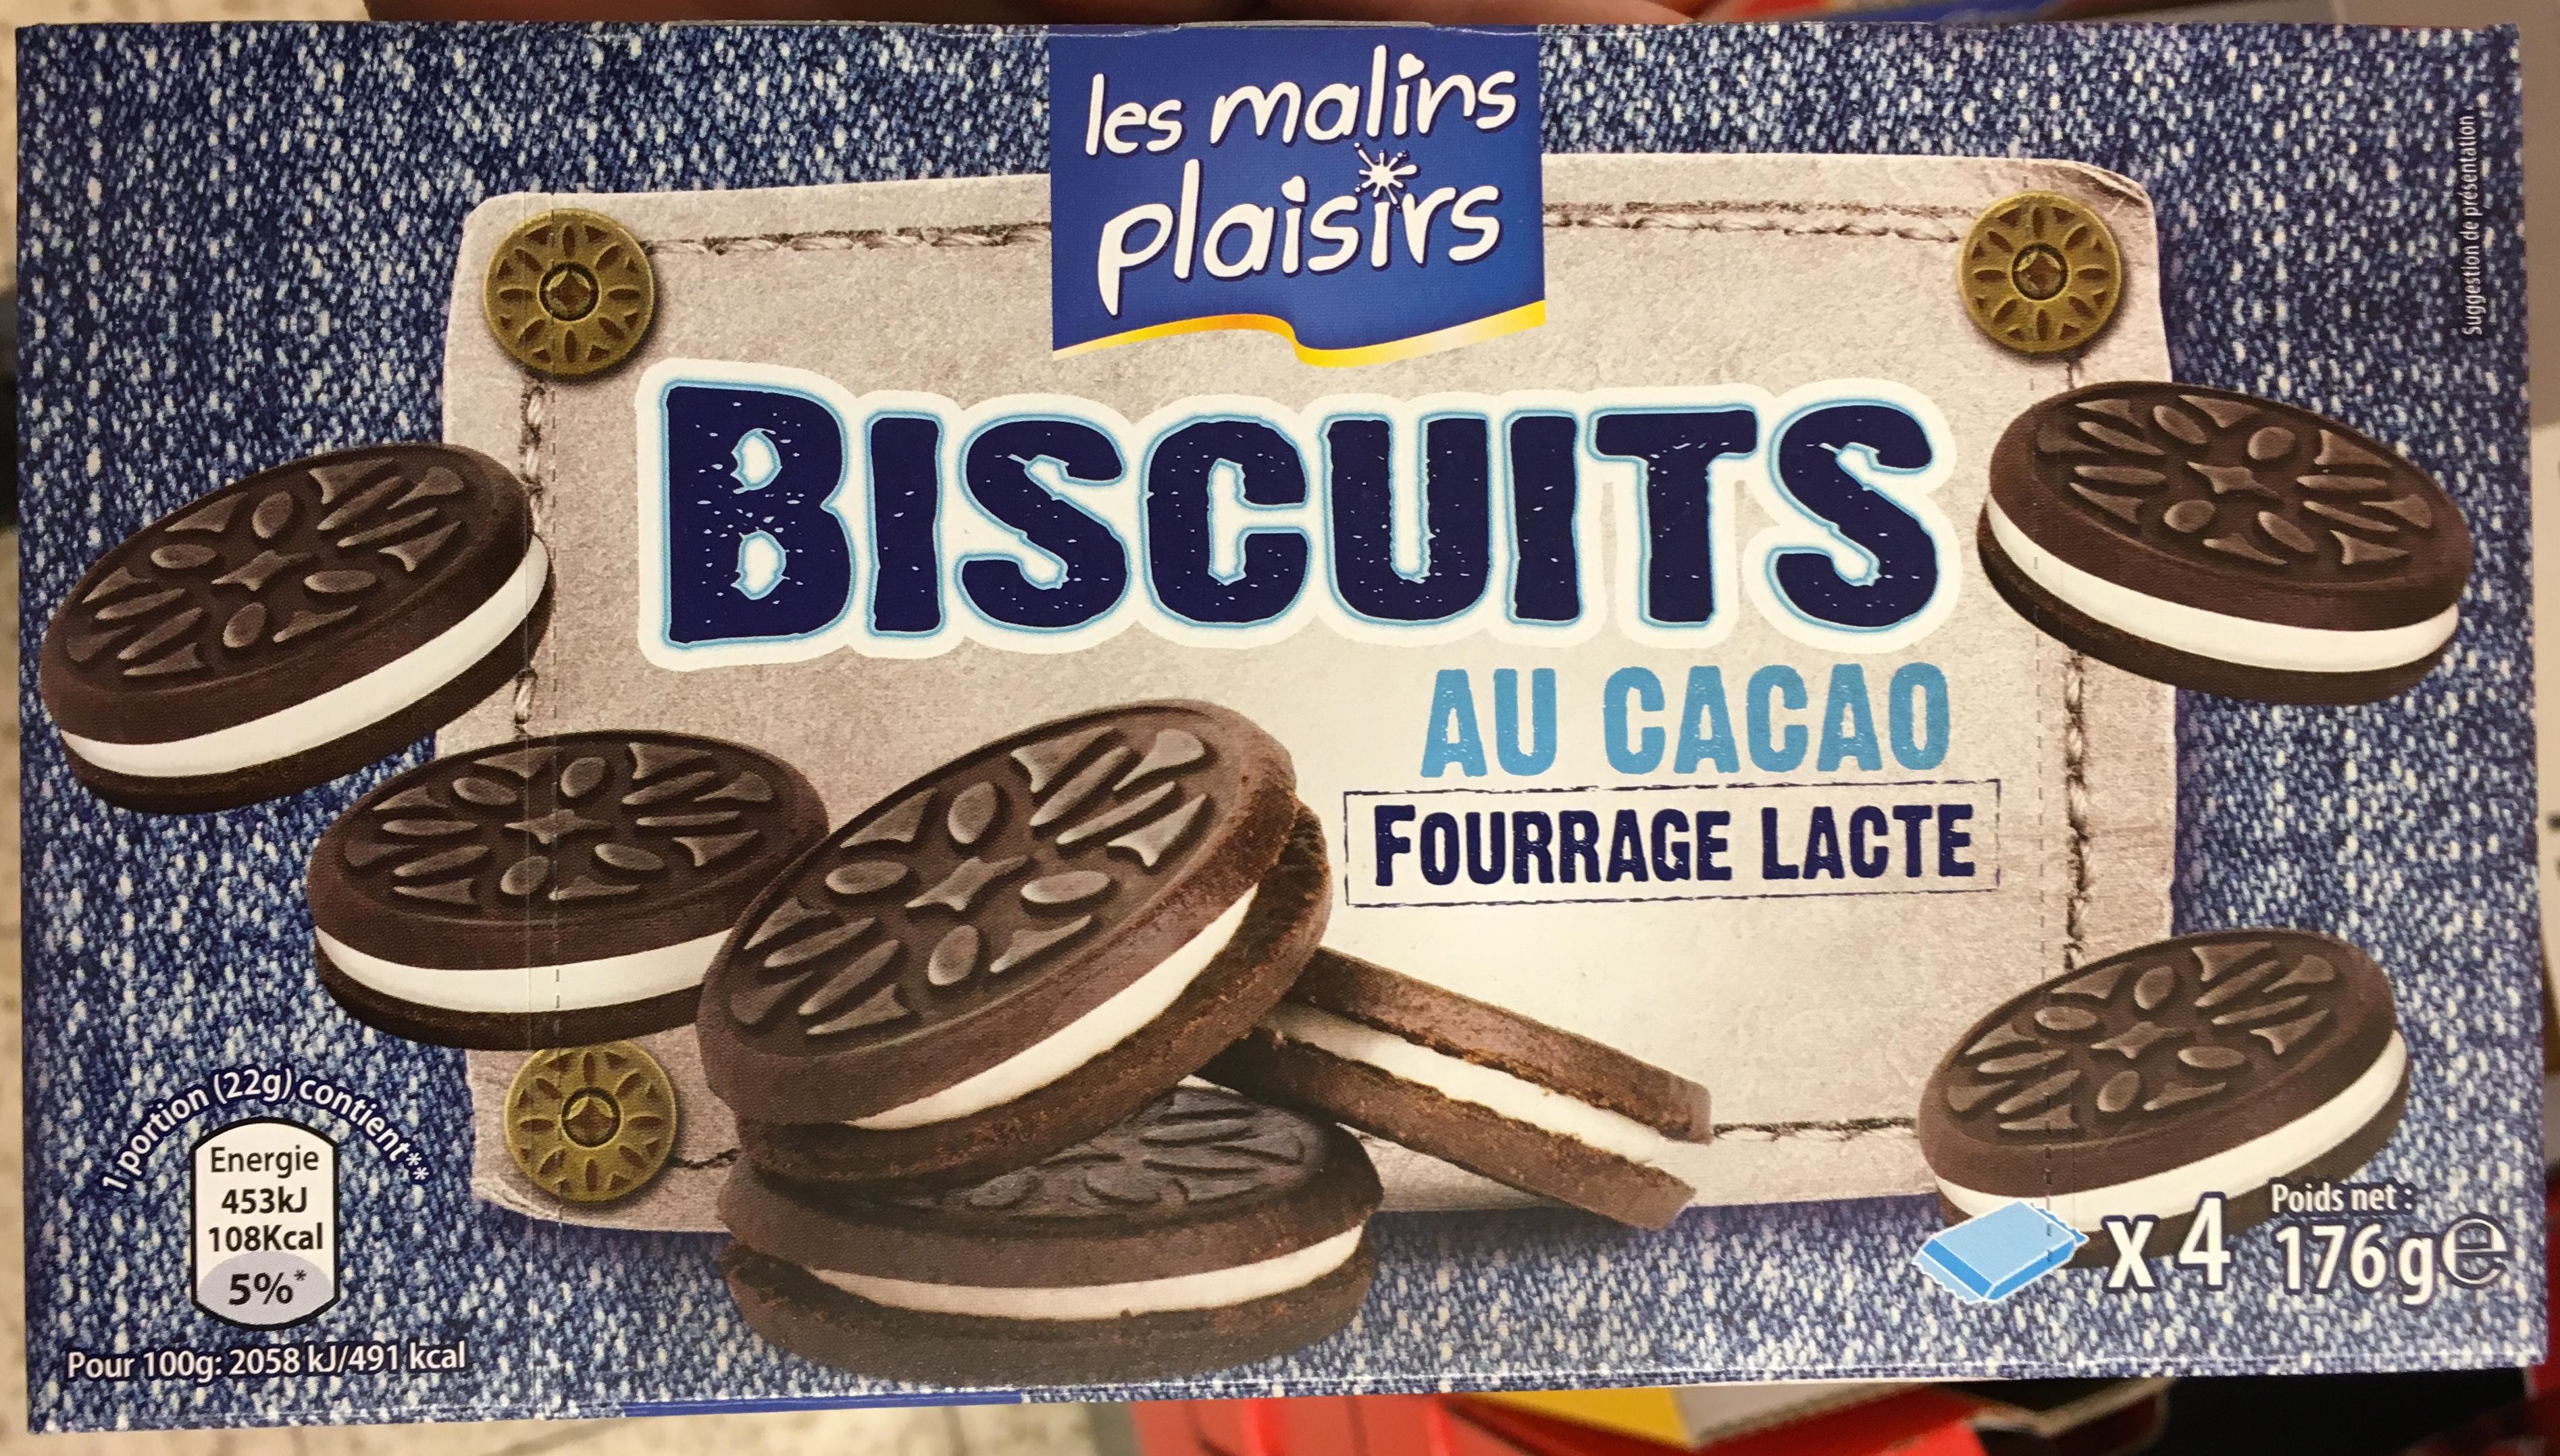 Biscuits au cacao fourrage lacté - Product - fr